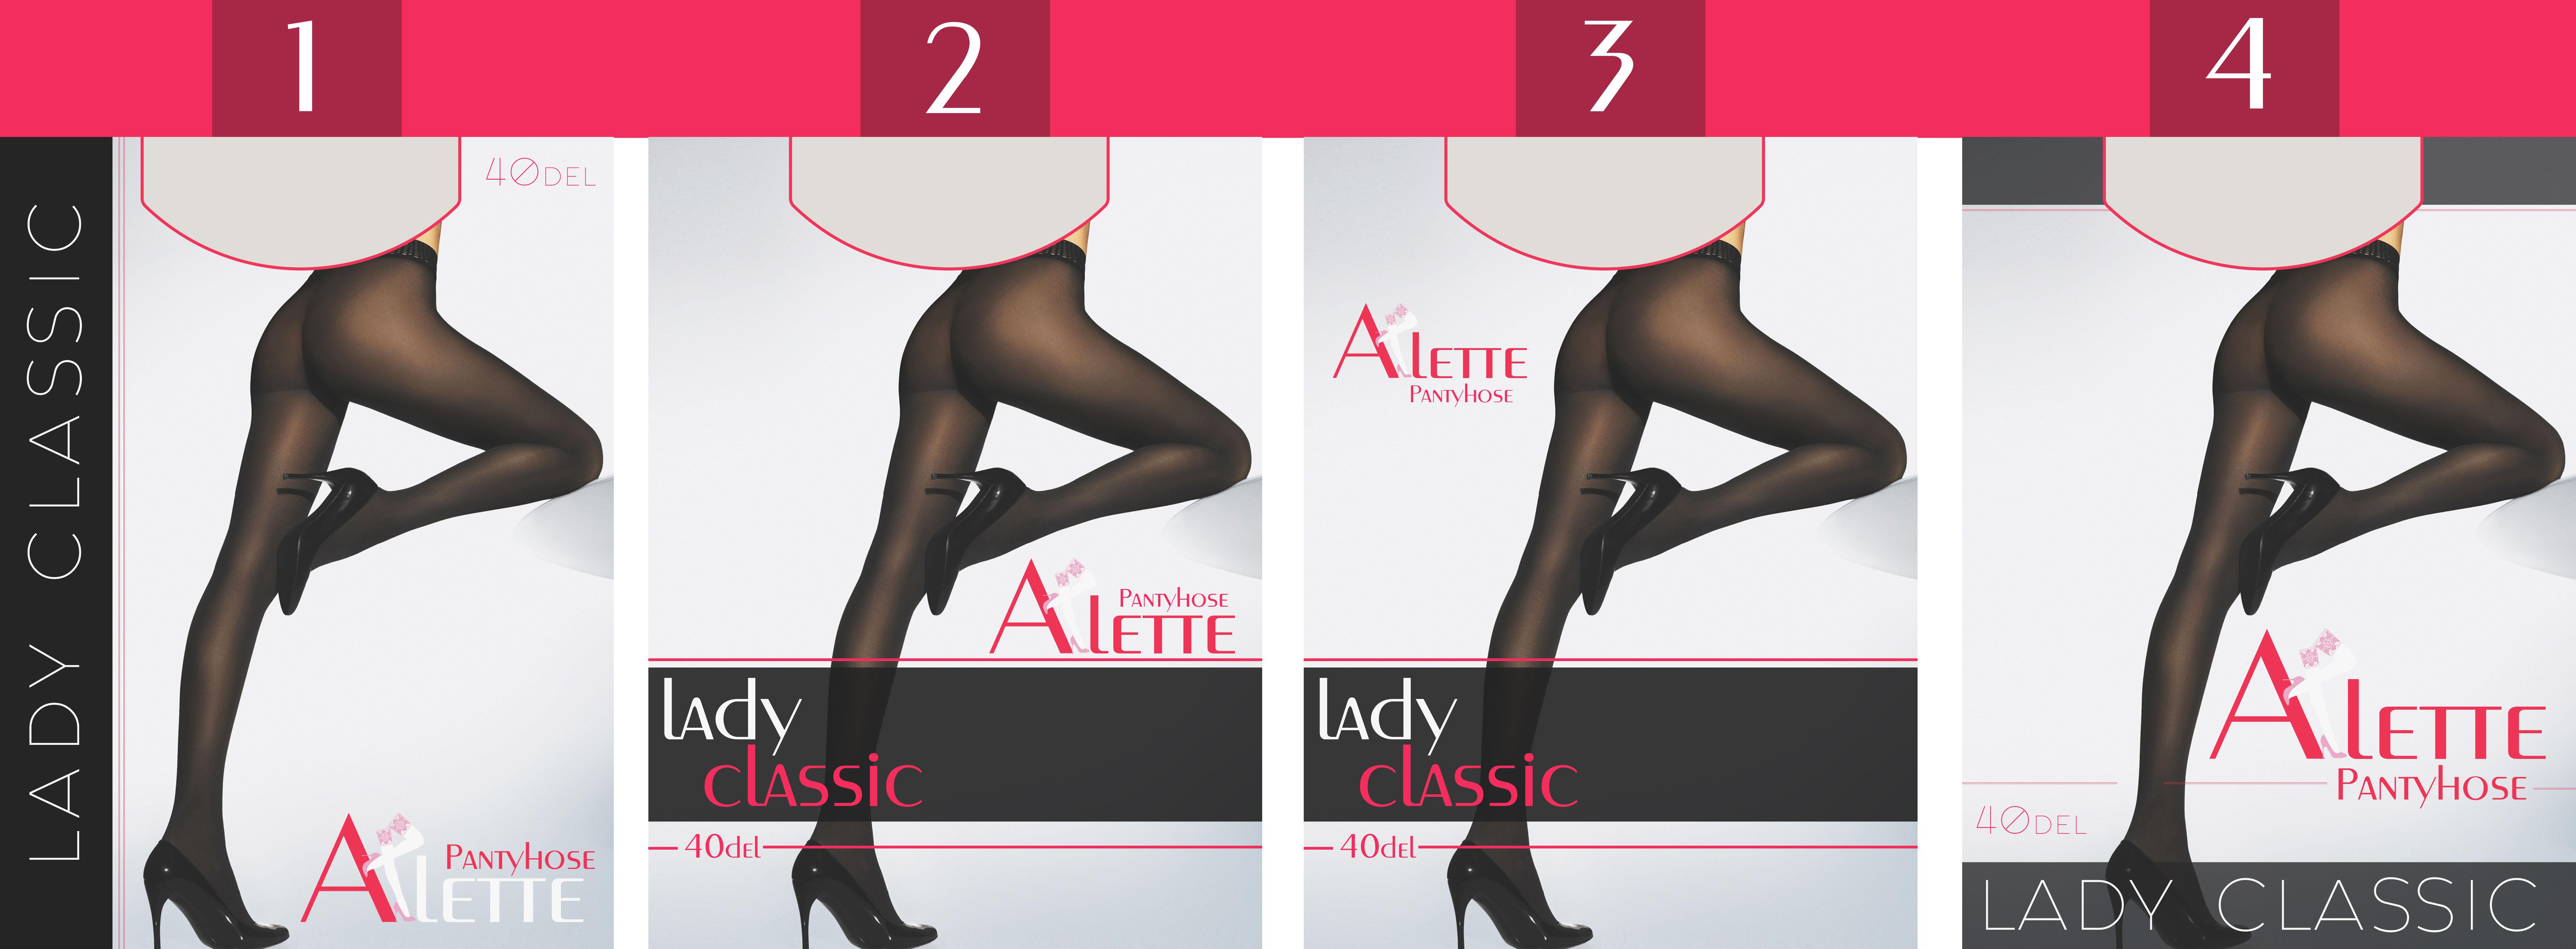 Дизайн упаковки женских колготок фото f_15959930a8a18910.jpg